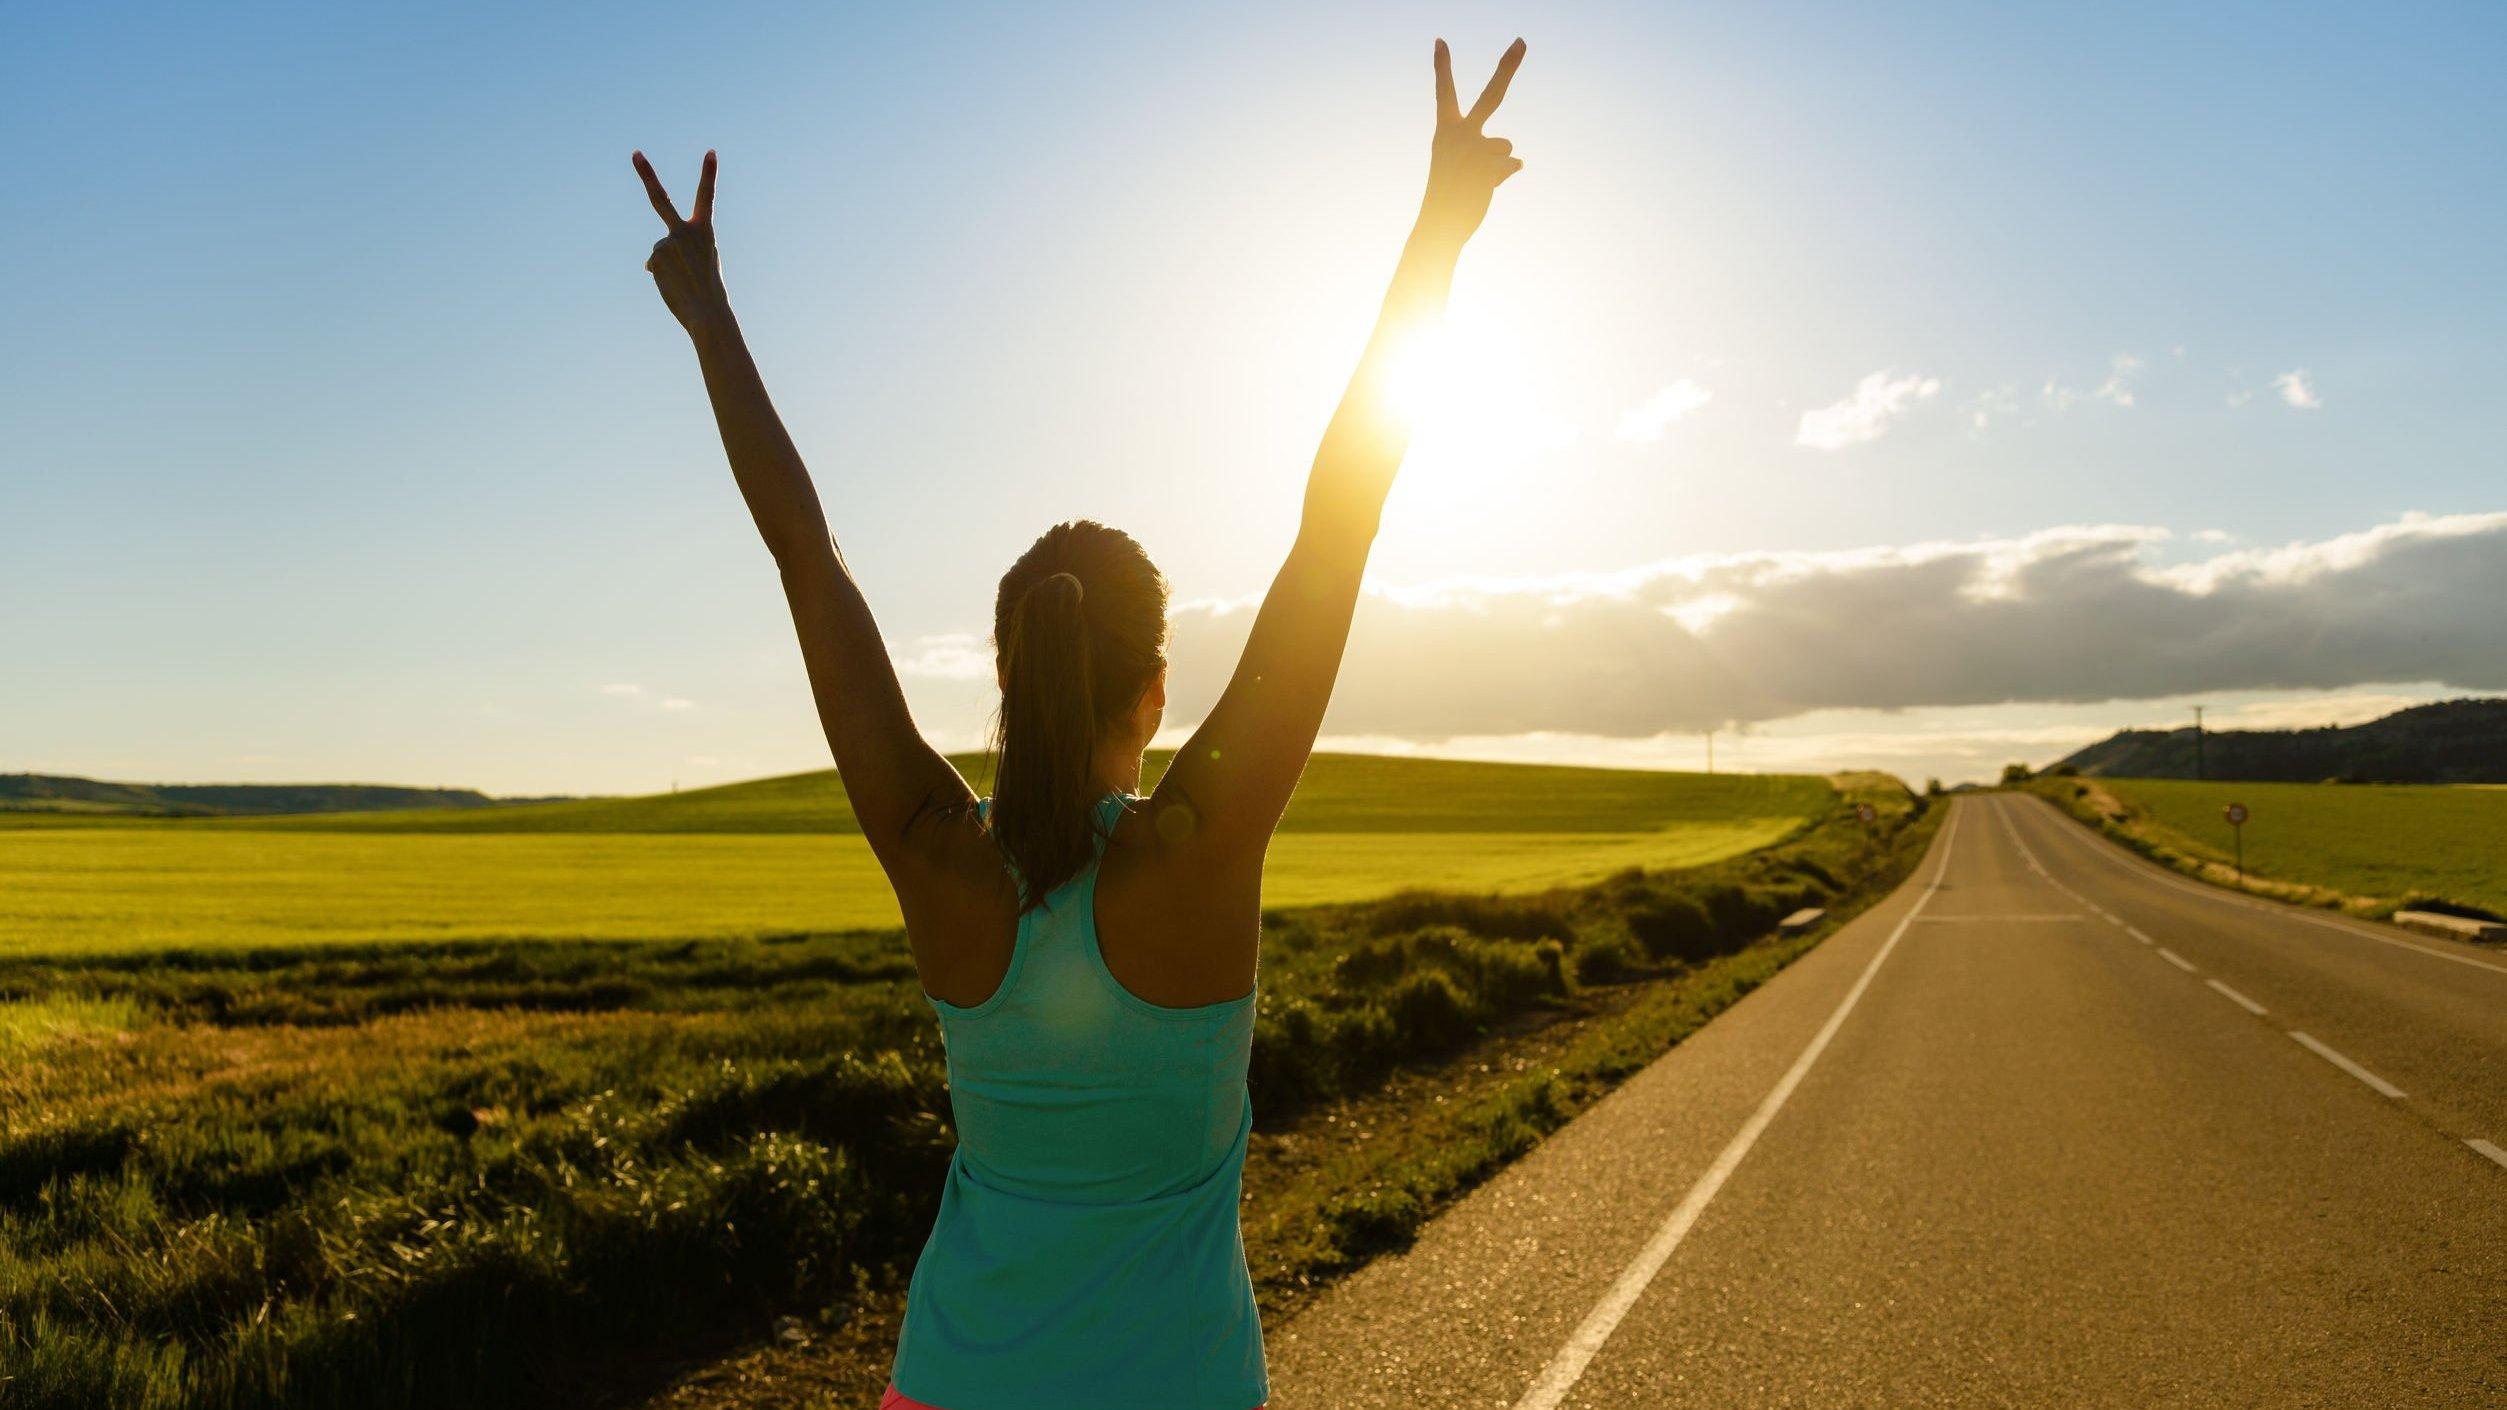 Mulher com braços pro alto fazendo sinal da paz, em estrada durante dia ensolarado